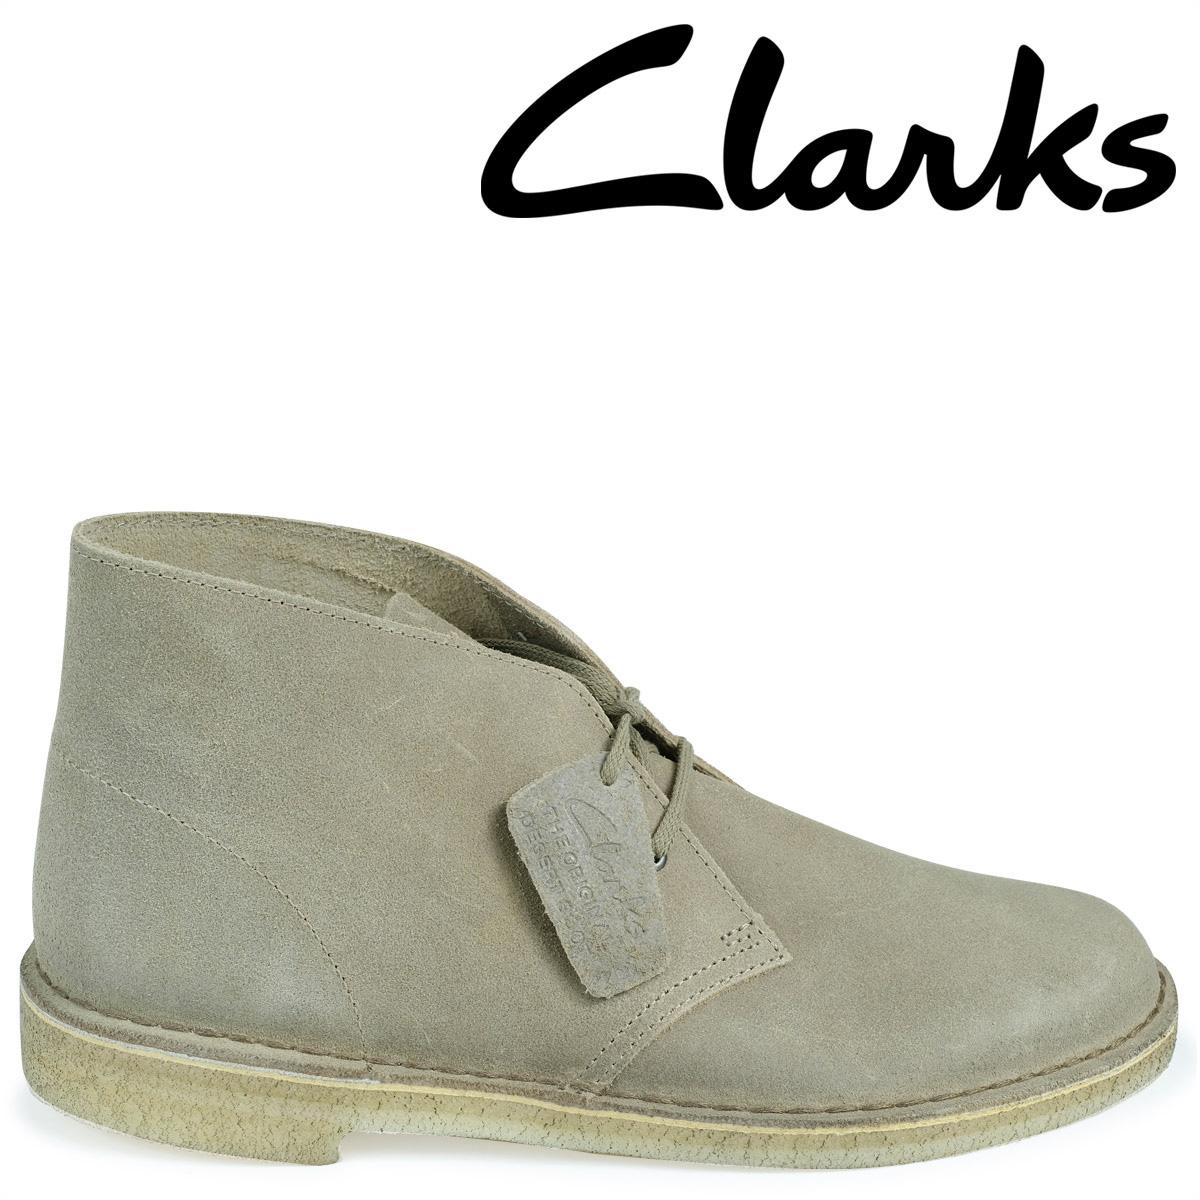 注目 Clarks デザートブーツ メンズ クラークス DESERT DESERT クラークス BOOT Clarks 26110054 レザー 靴 トープ, GALLUP/ギャラップ:c2d18d55 --- canoncity.azurewebsites.net